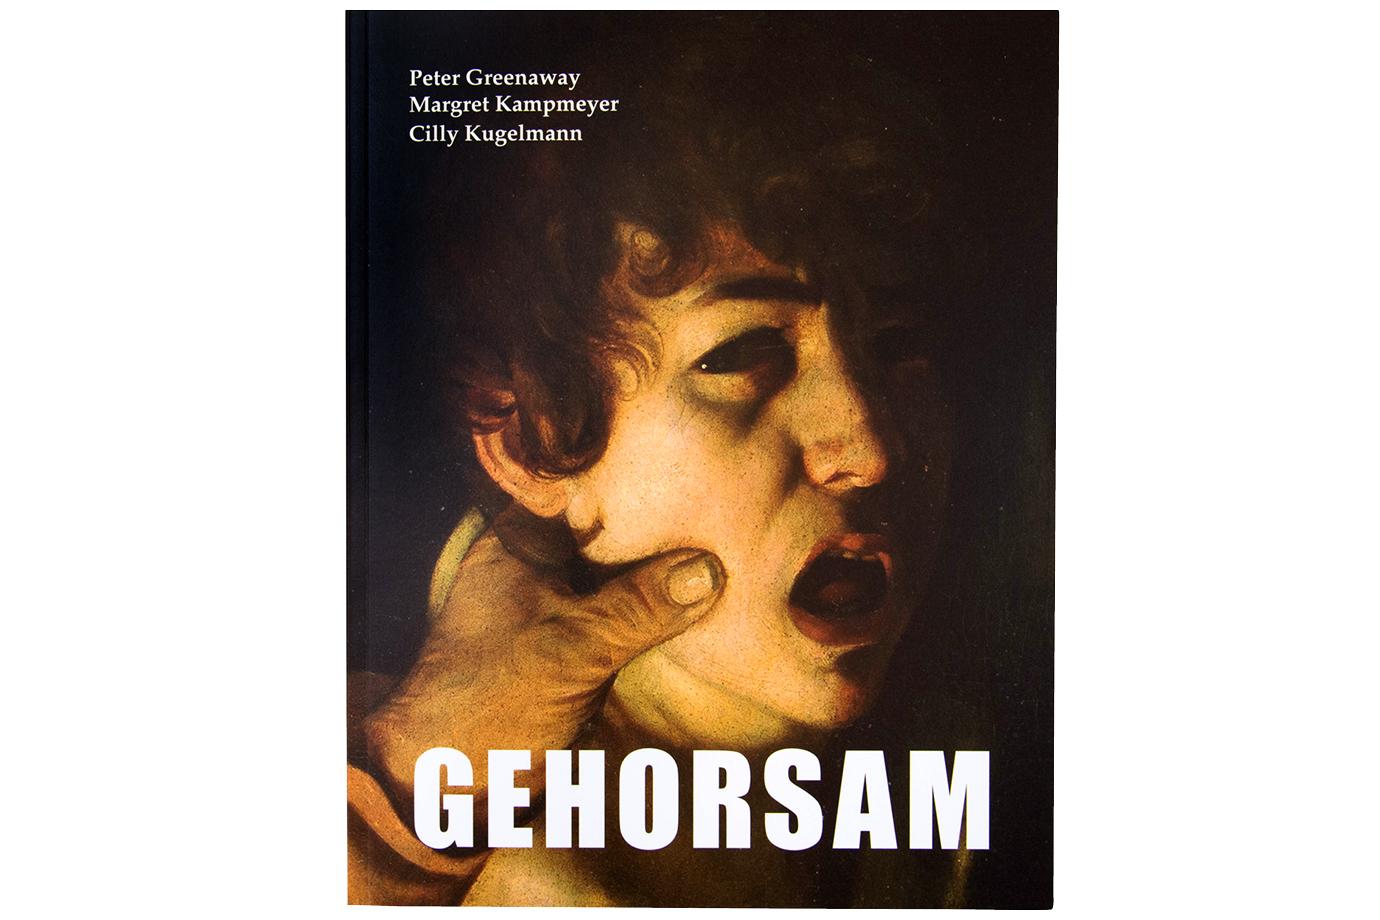 http://e-o-t.de/wordpress/wp-content/uploads/2017/05/2015_eot-Gehorsam-identity-07.jpg